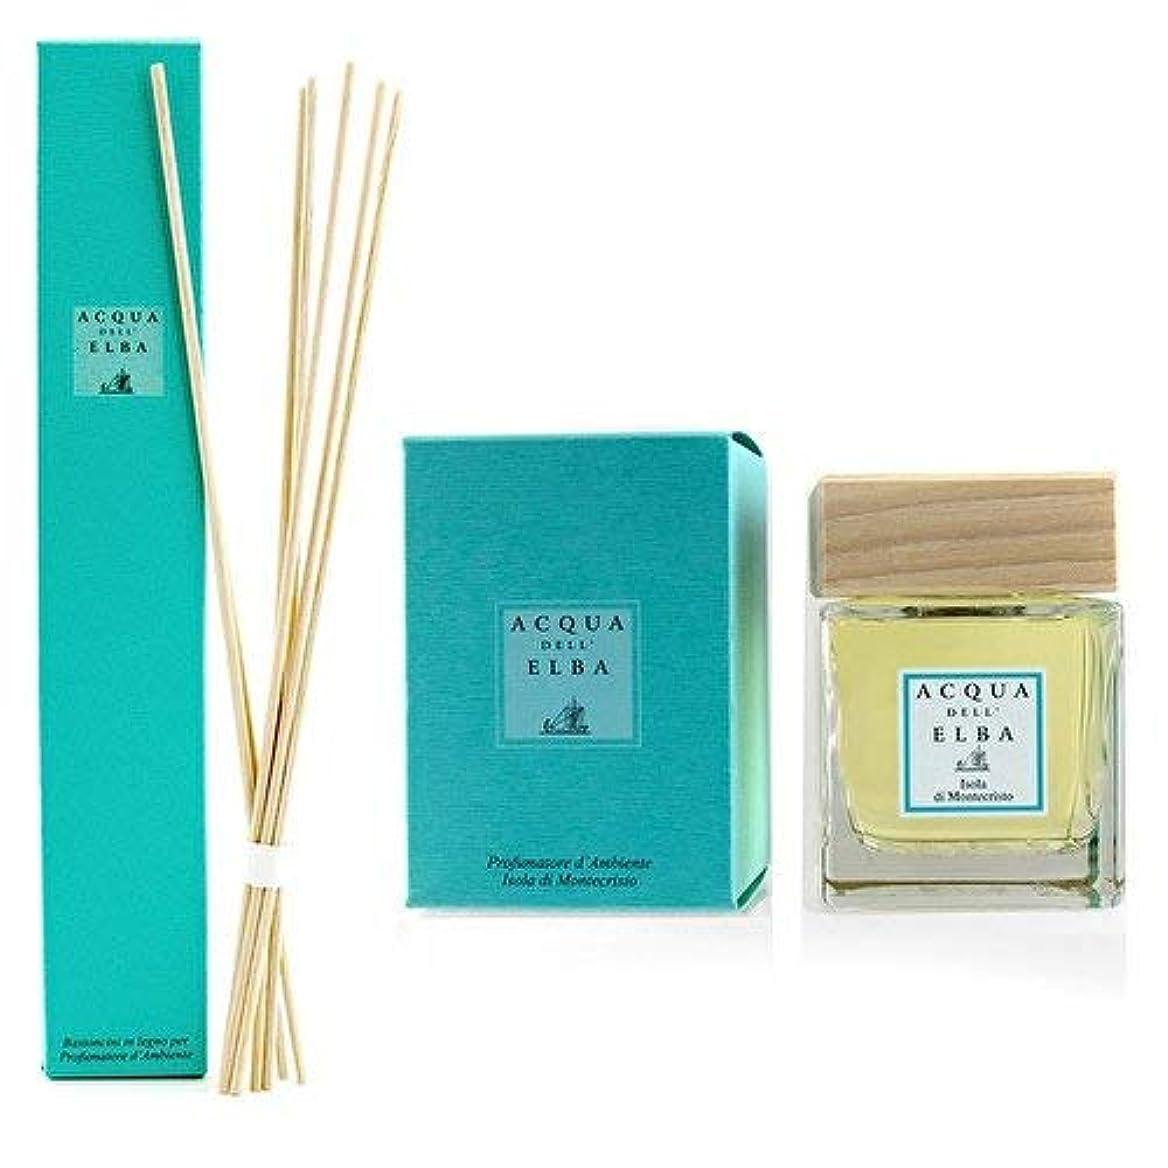 暗記する認証皮肉なアクア?デッレ?エルバ Home Fragrance Diffuser - Isola Di Montecristo 200ml/6.8oz並行輸入品